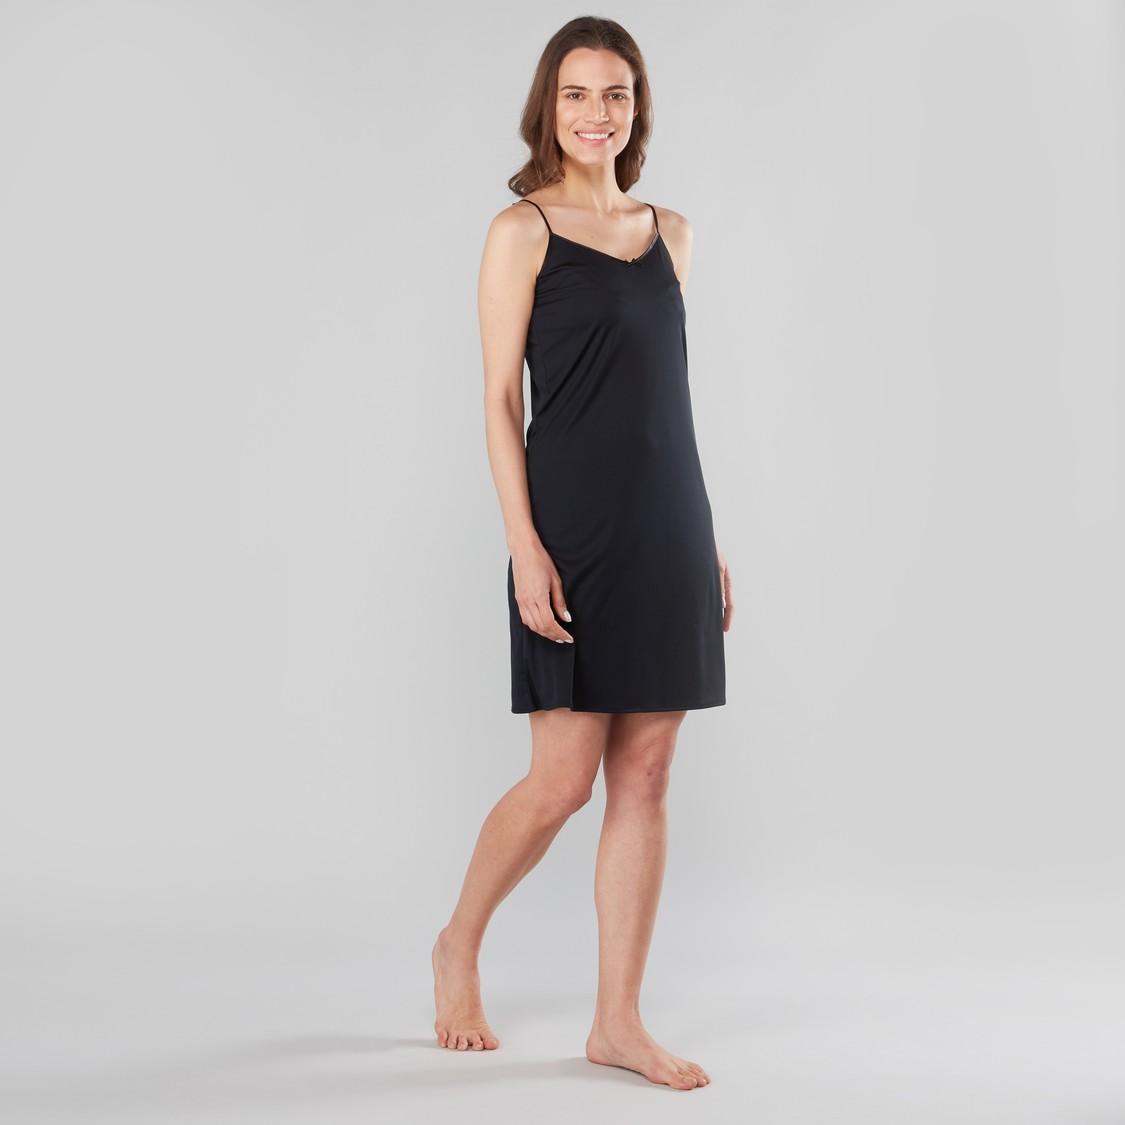 قميص مشد قصير سادة بحمّالات رفيعة قابلة للتعديل